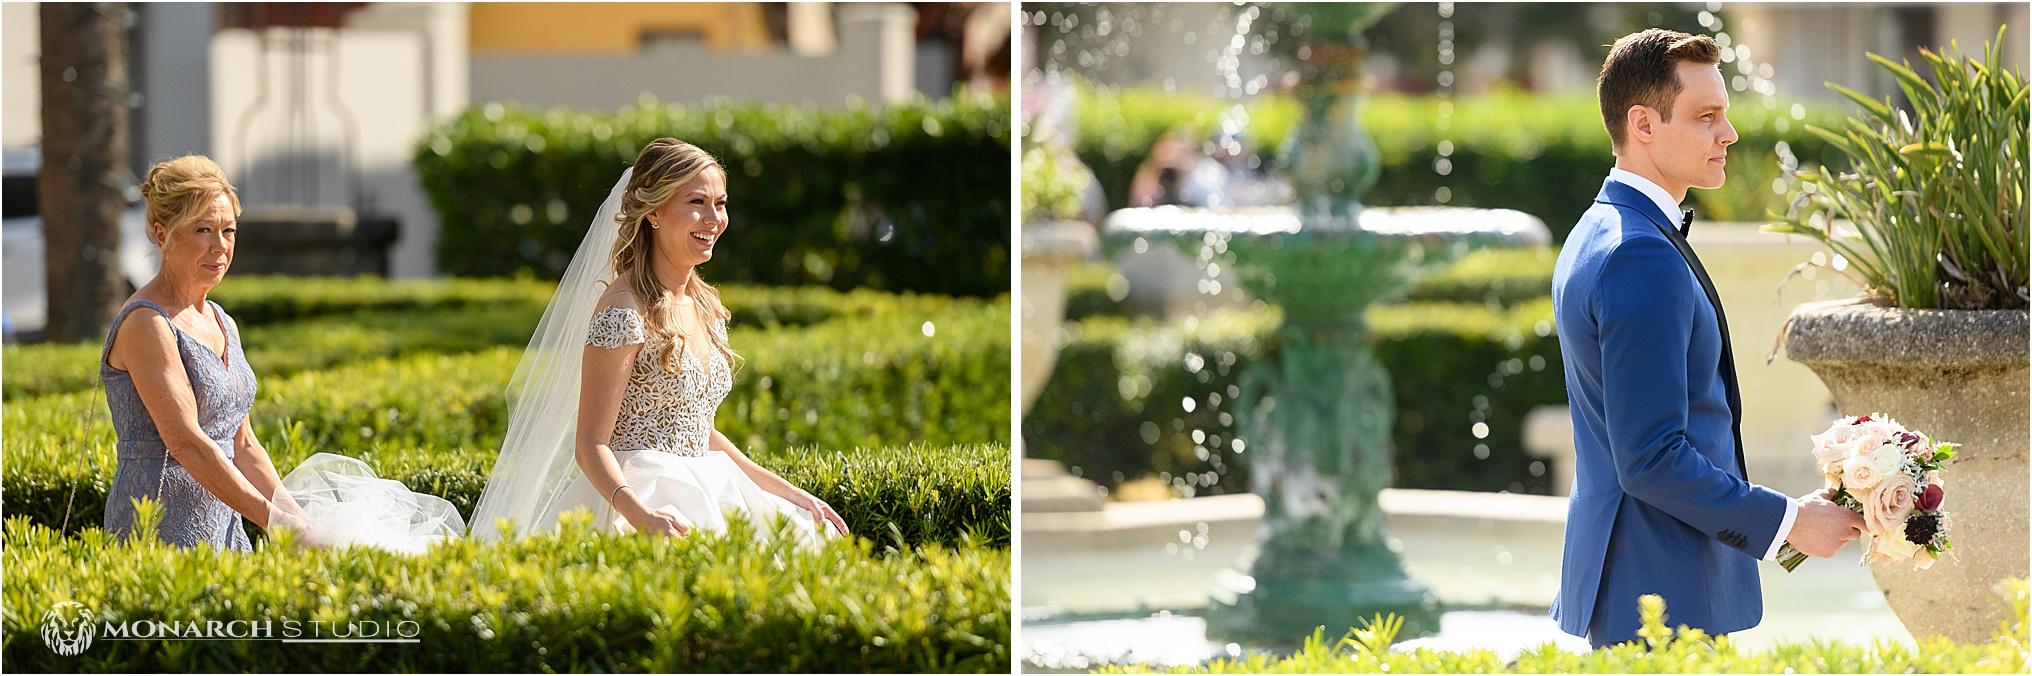 best-saint-augustine-wedding-photographer-2019-020.jpg